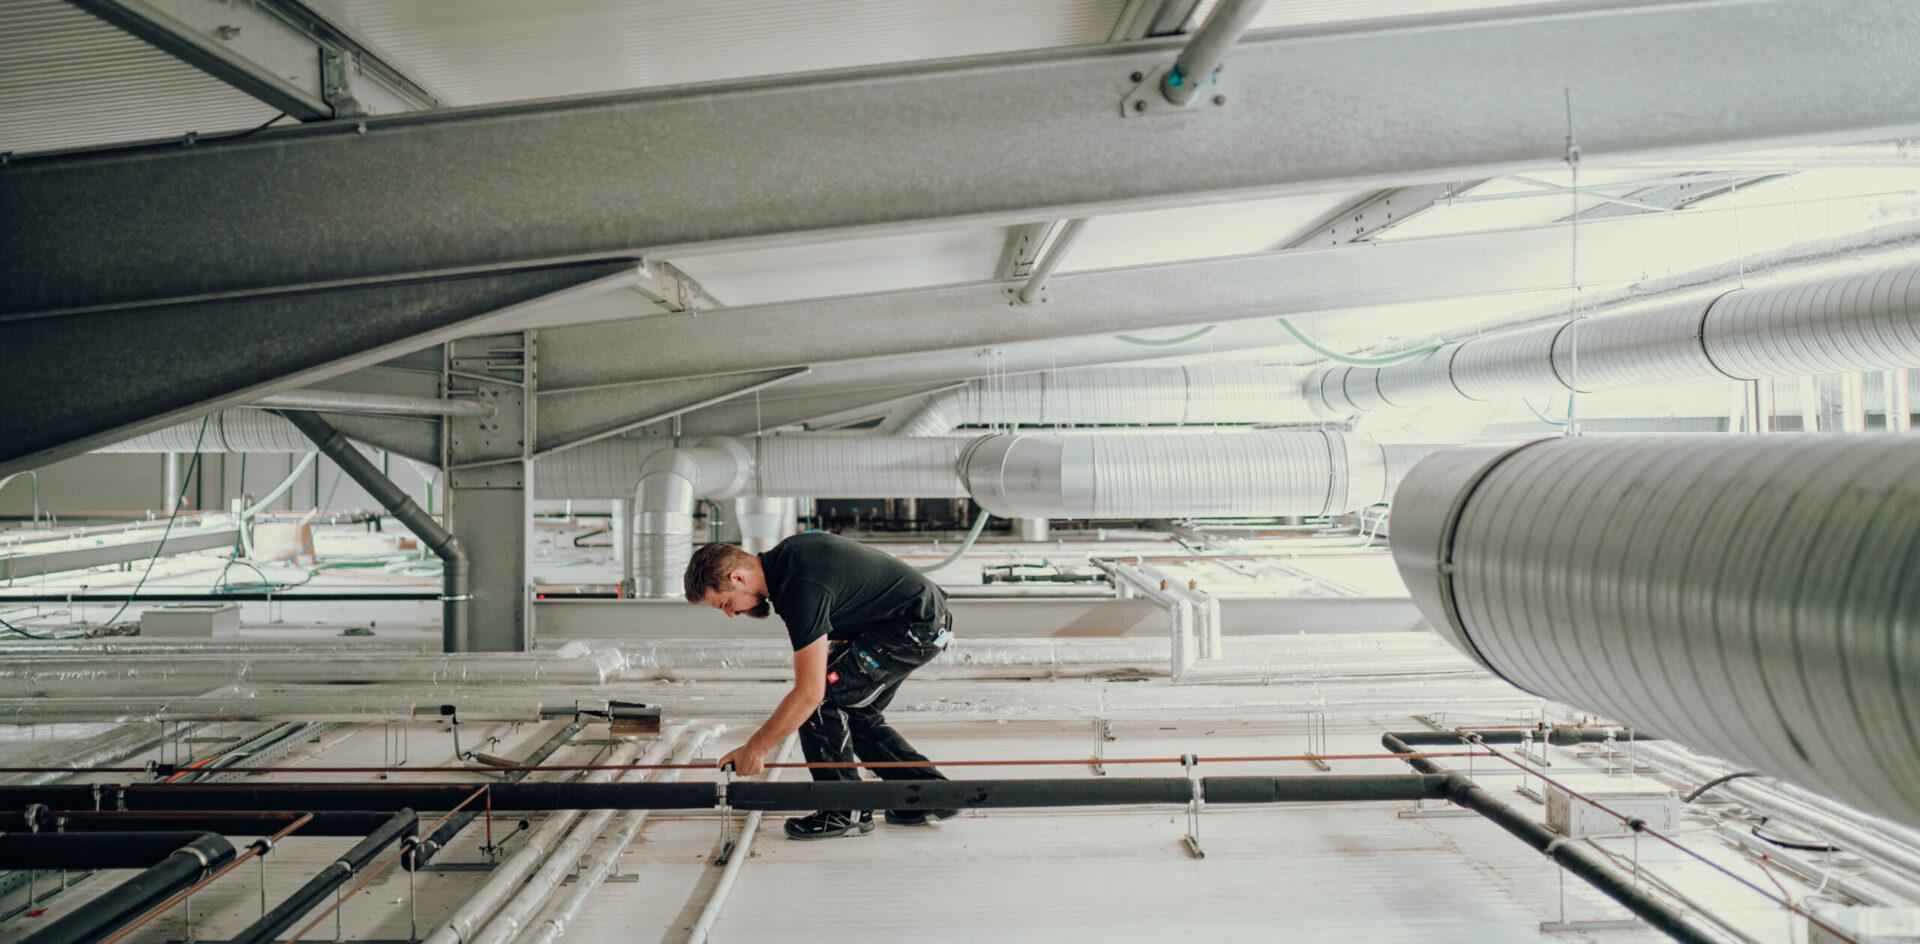 Klimaanlage wird durch G-KKT Mitarbeiter geprüft